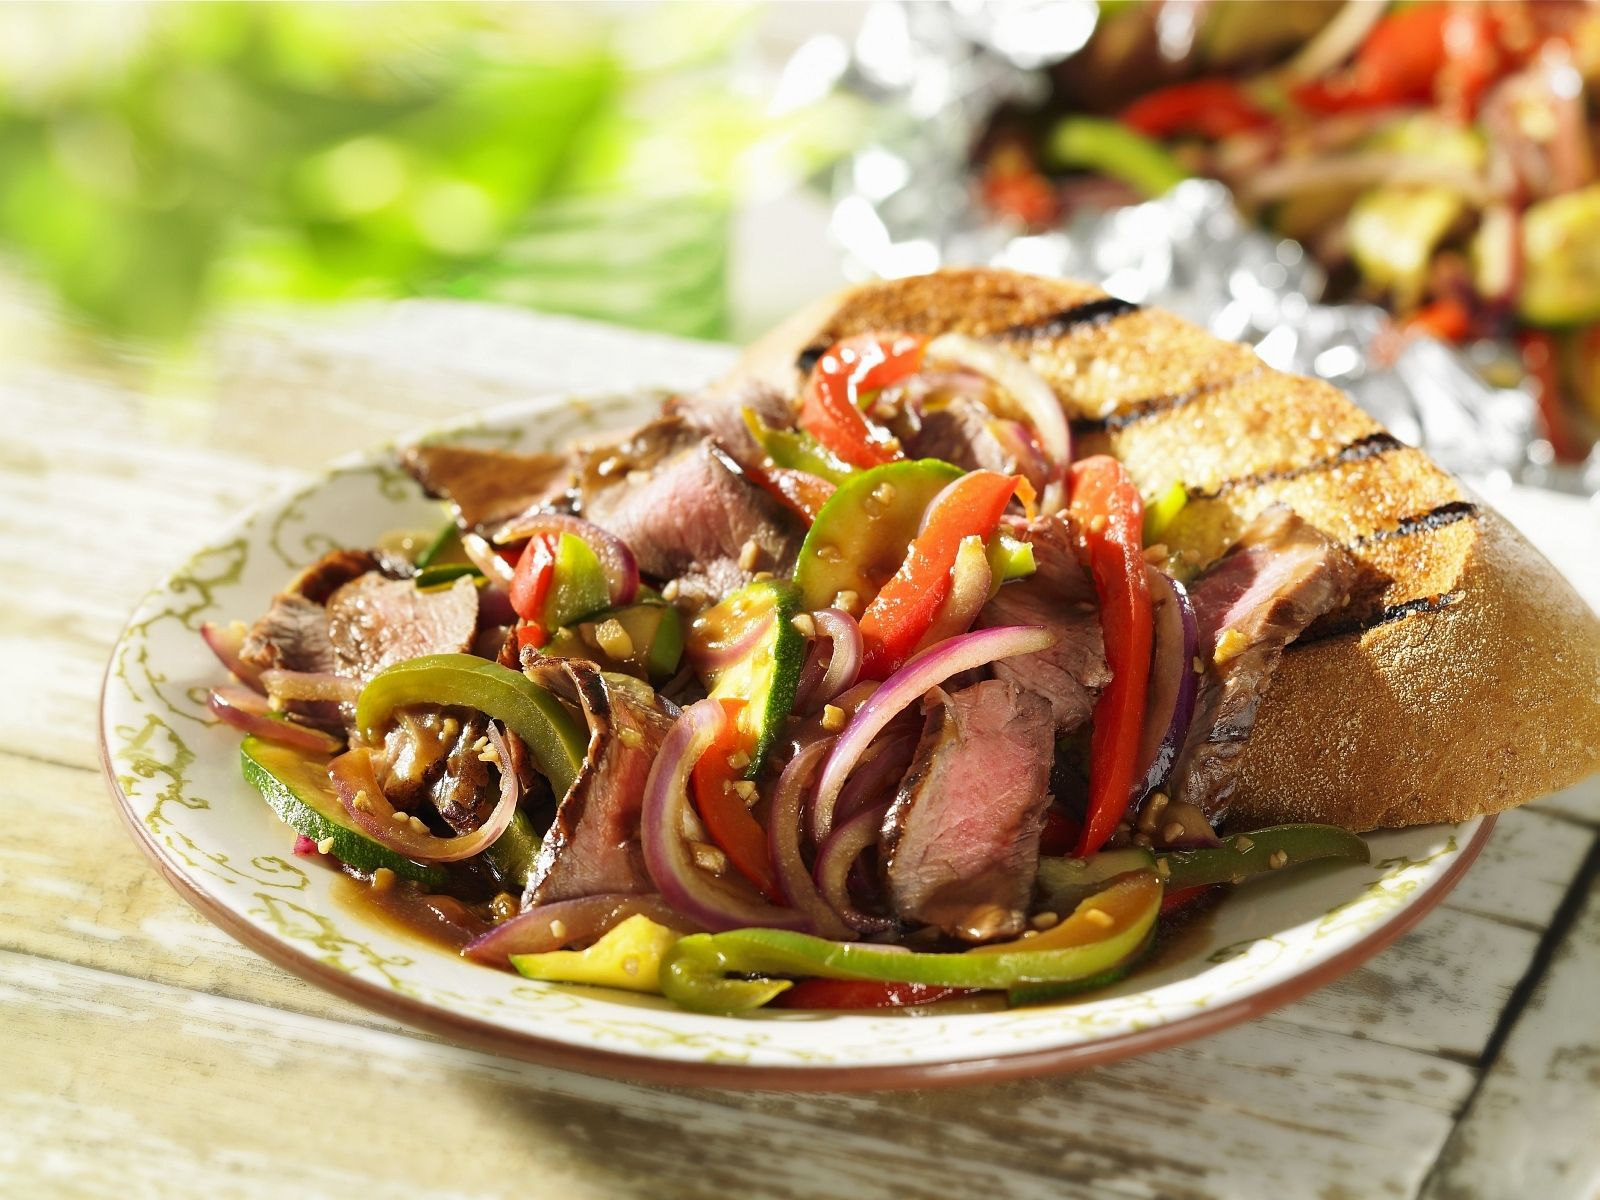 Leichte Küche Mit Fleisch: Schnelle Rezepte